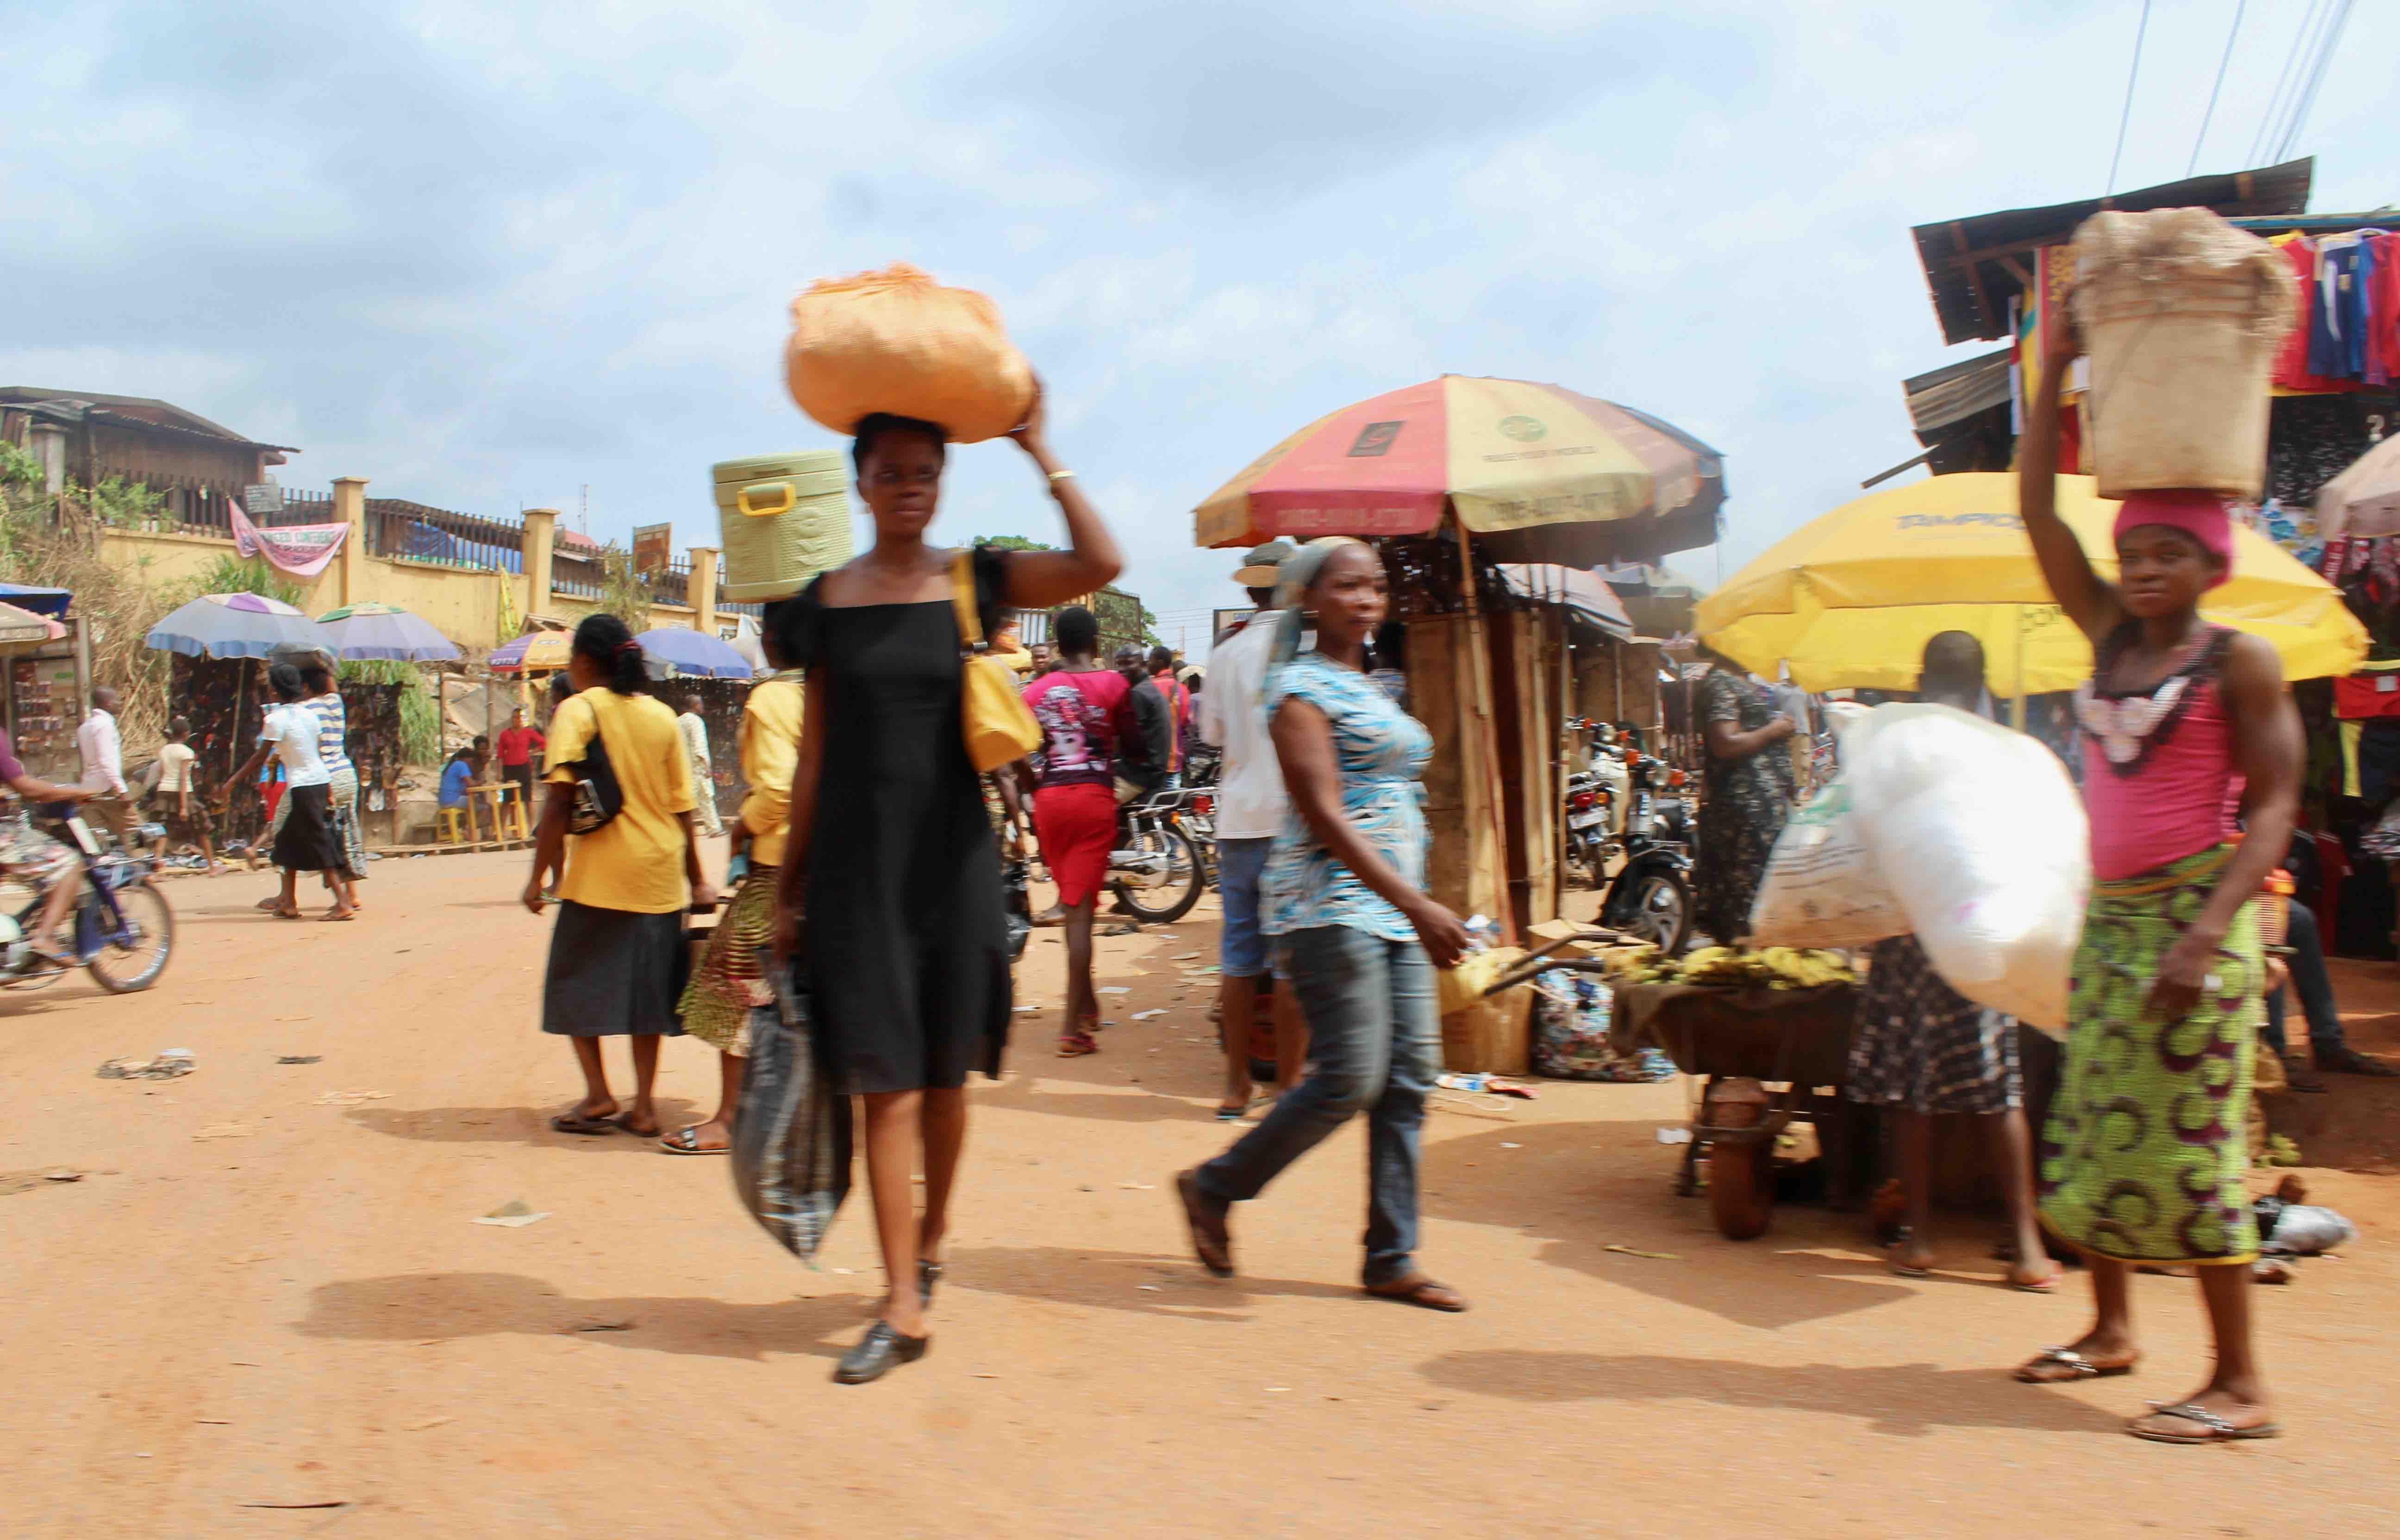 Igbo Women, Nkpor Market in Onitsha, Anambra State, Nigeria. #JujuFilms